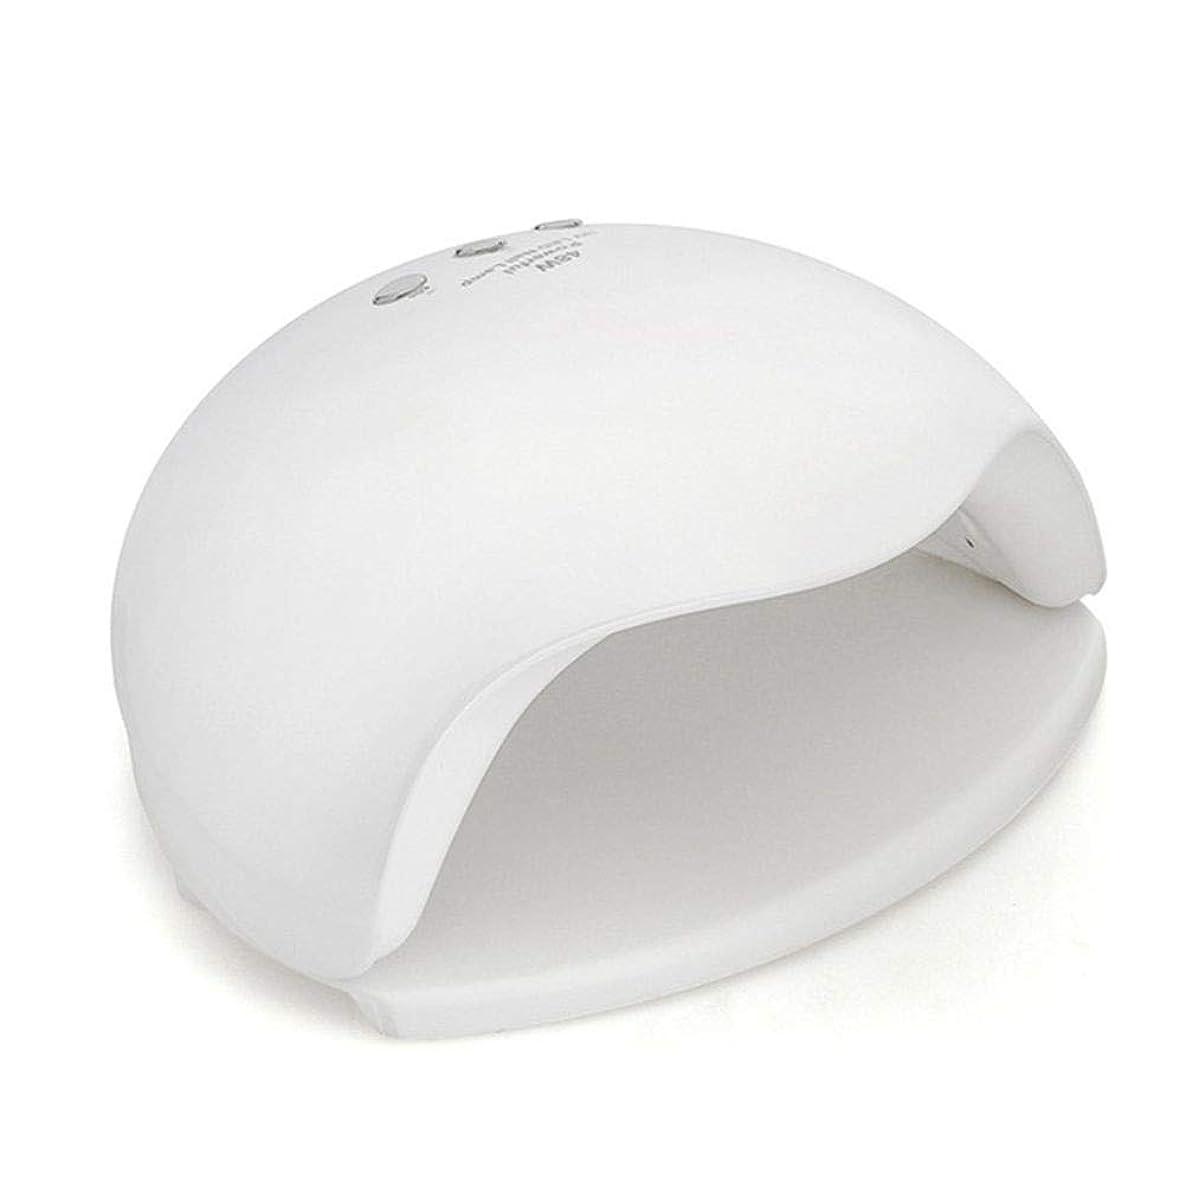 ネイルドライヤーSUN5X 48W UV LEDランプネイルドライヤーUVネイルランプダブルライトセンサーLEDネイルランプマニキュアマシン硬化用UVジェルポリッシュ、写真の色